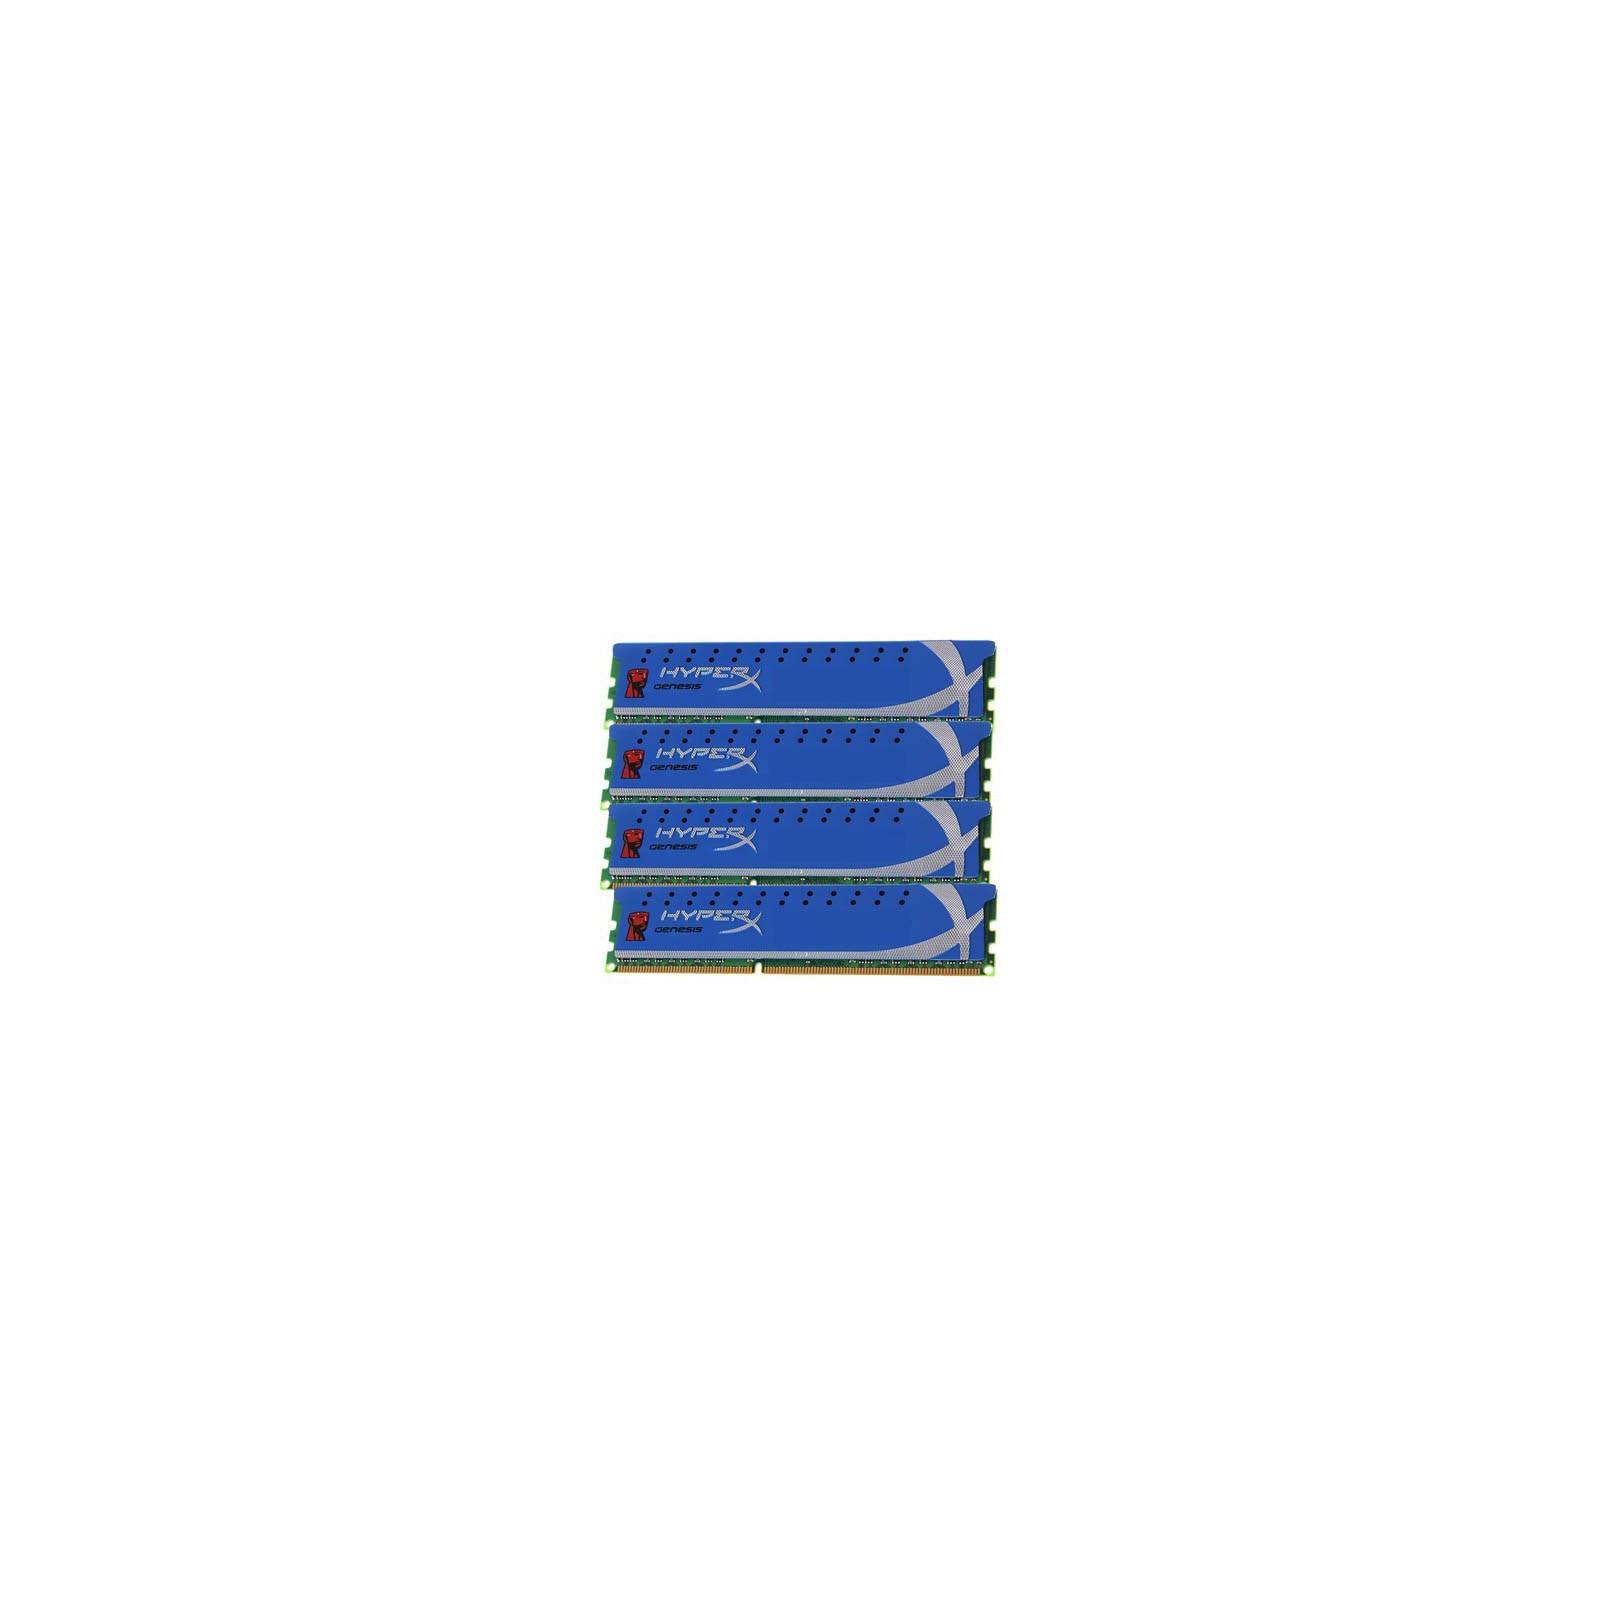 Модуль памяти для компьютера DDR3 32GB (4x8GB) 1600 MHz Kingston (KHX16C9K4/32X)